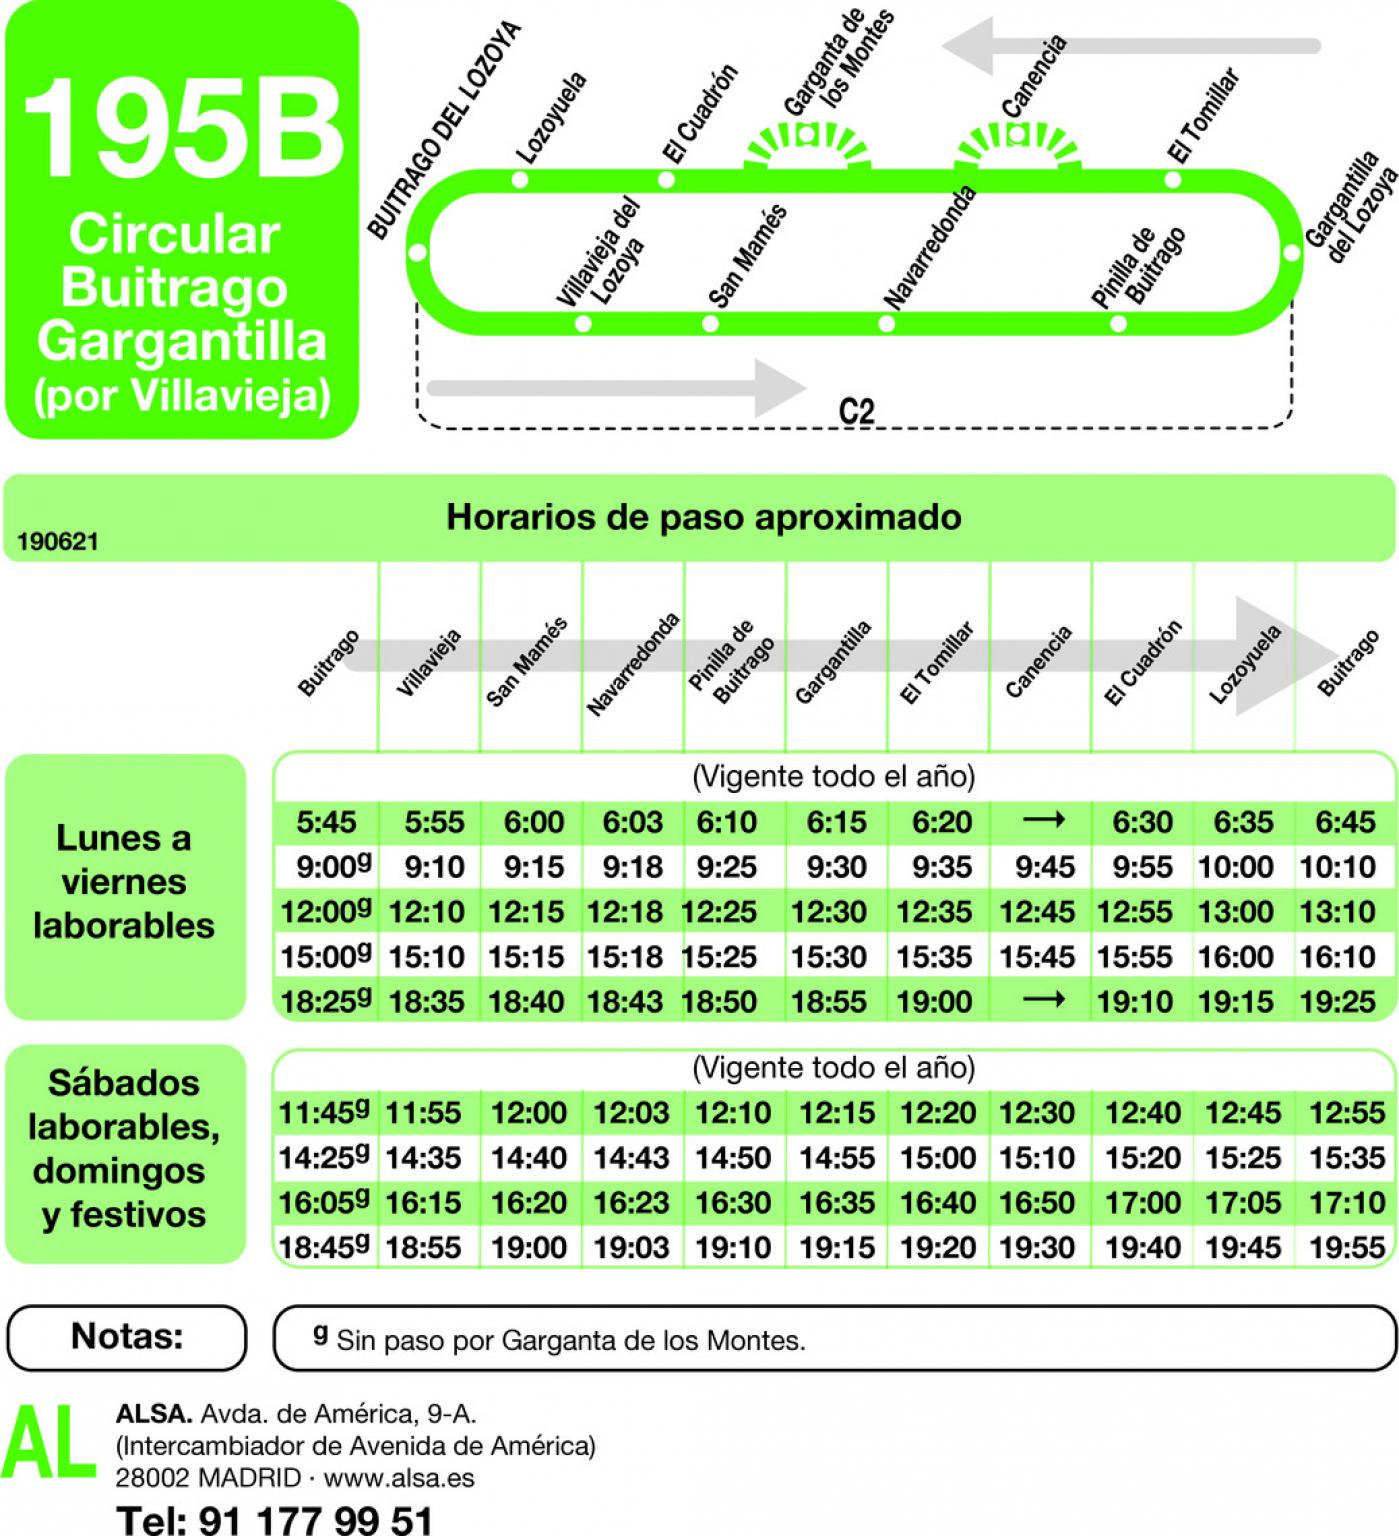 Tabla de horarios y frecuencias de paso en sentido vuelta Línea 195-B: Buitrago - Gargantilla